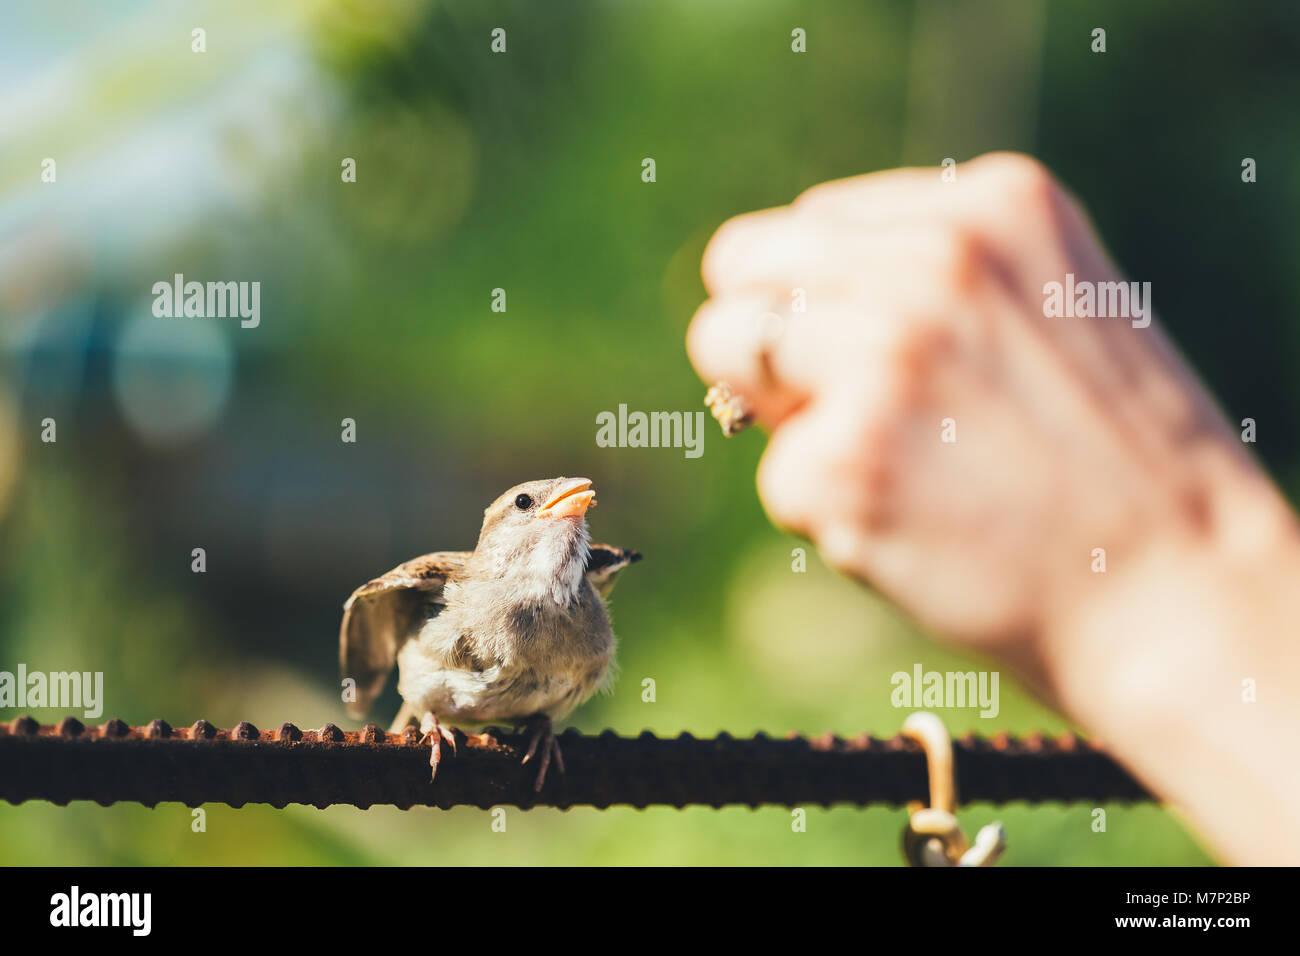 Alimentación de la joven chica, pájaro Gorrión amarillo-Passer domesticus picuda Foto de stock